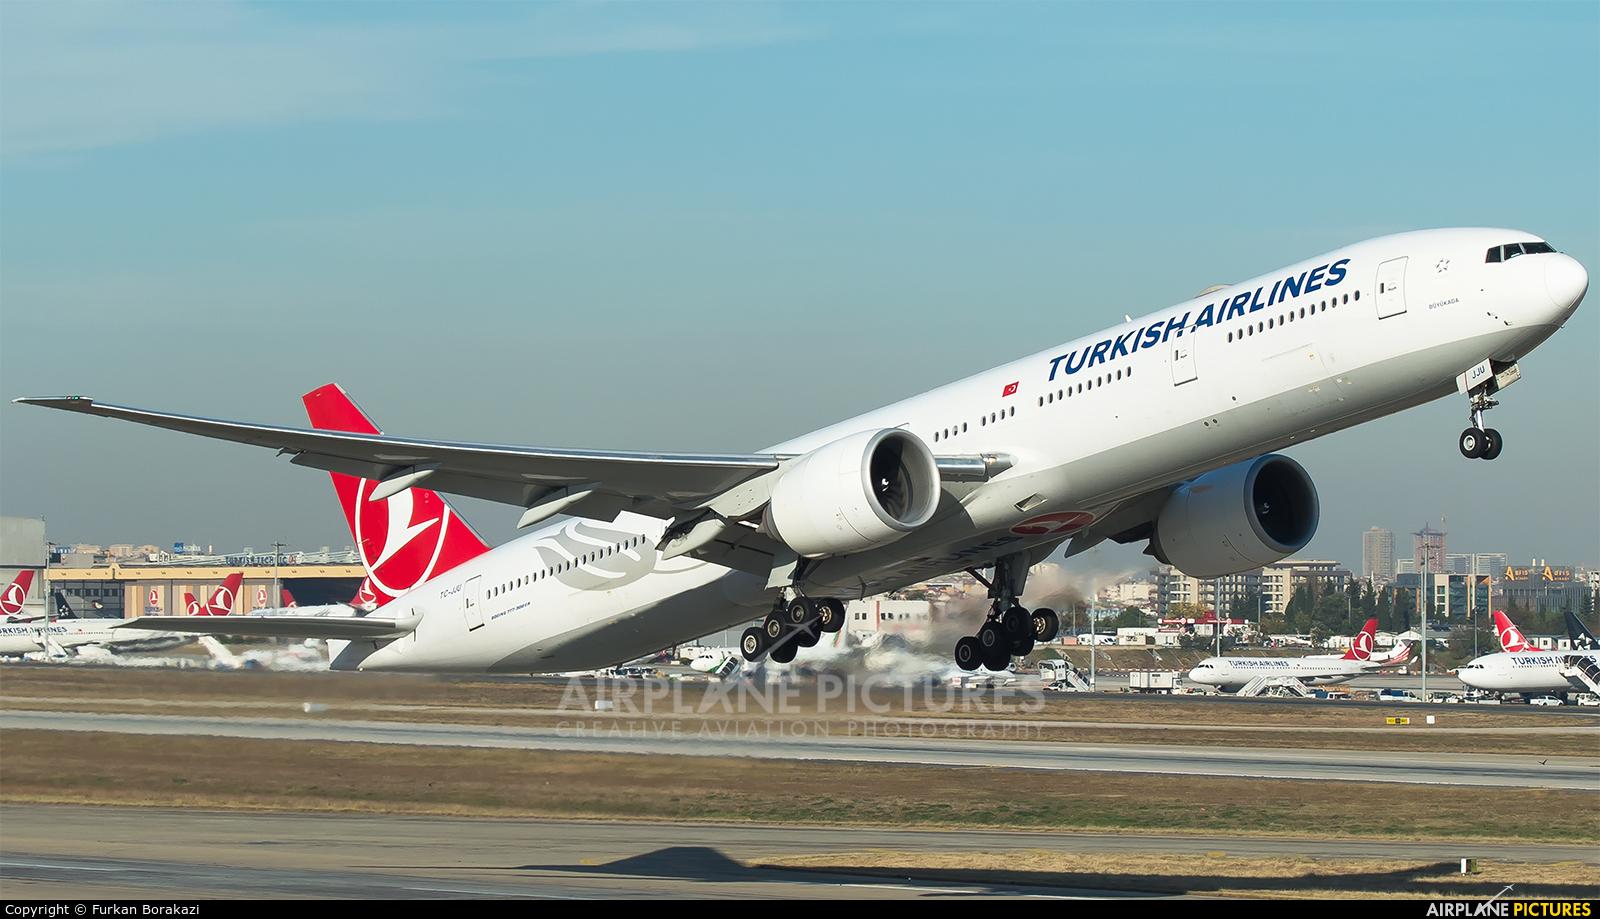 Turkish Airlines TC-JJU aircraft at Istanbul - Ataturk